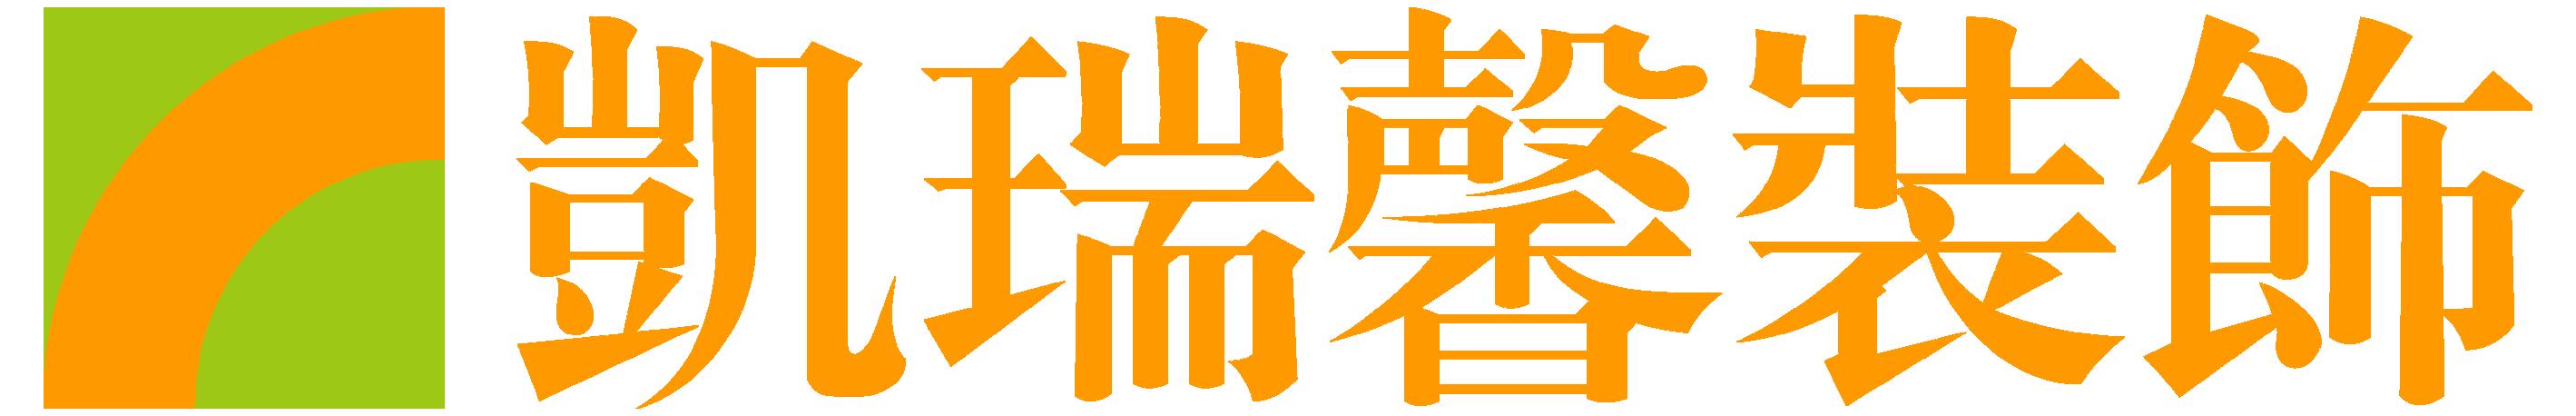 武汉凯瑞馨装饰工程有限公司